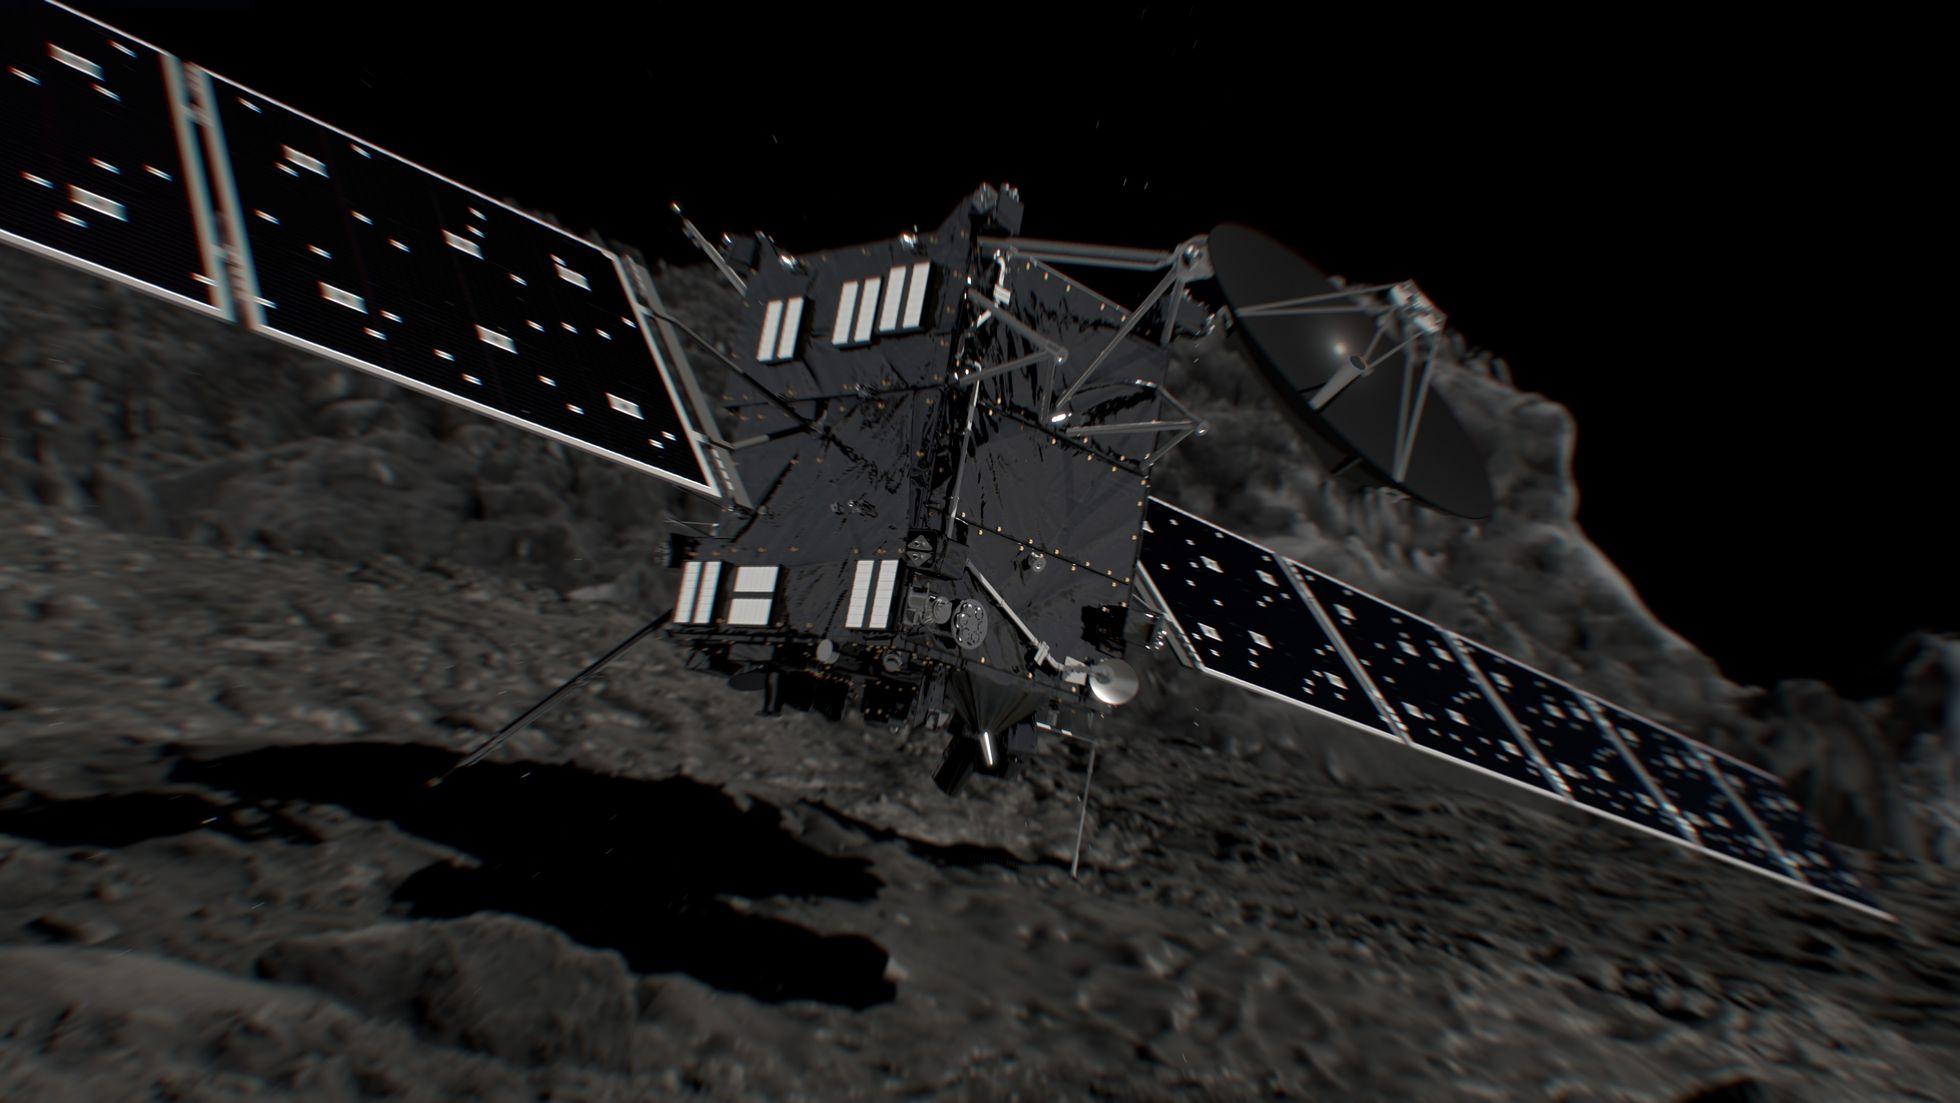 Raumfahrt: Forscher finden noch ein Bild von Rosetta -